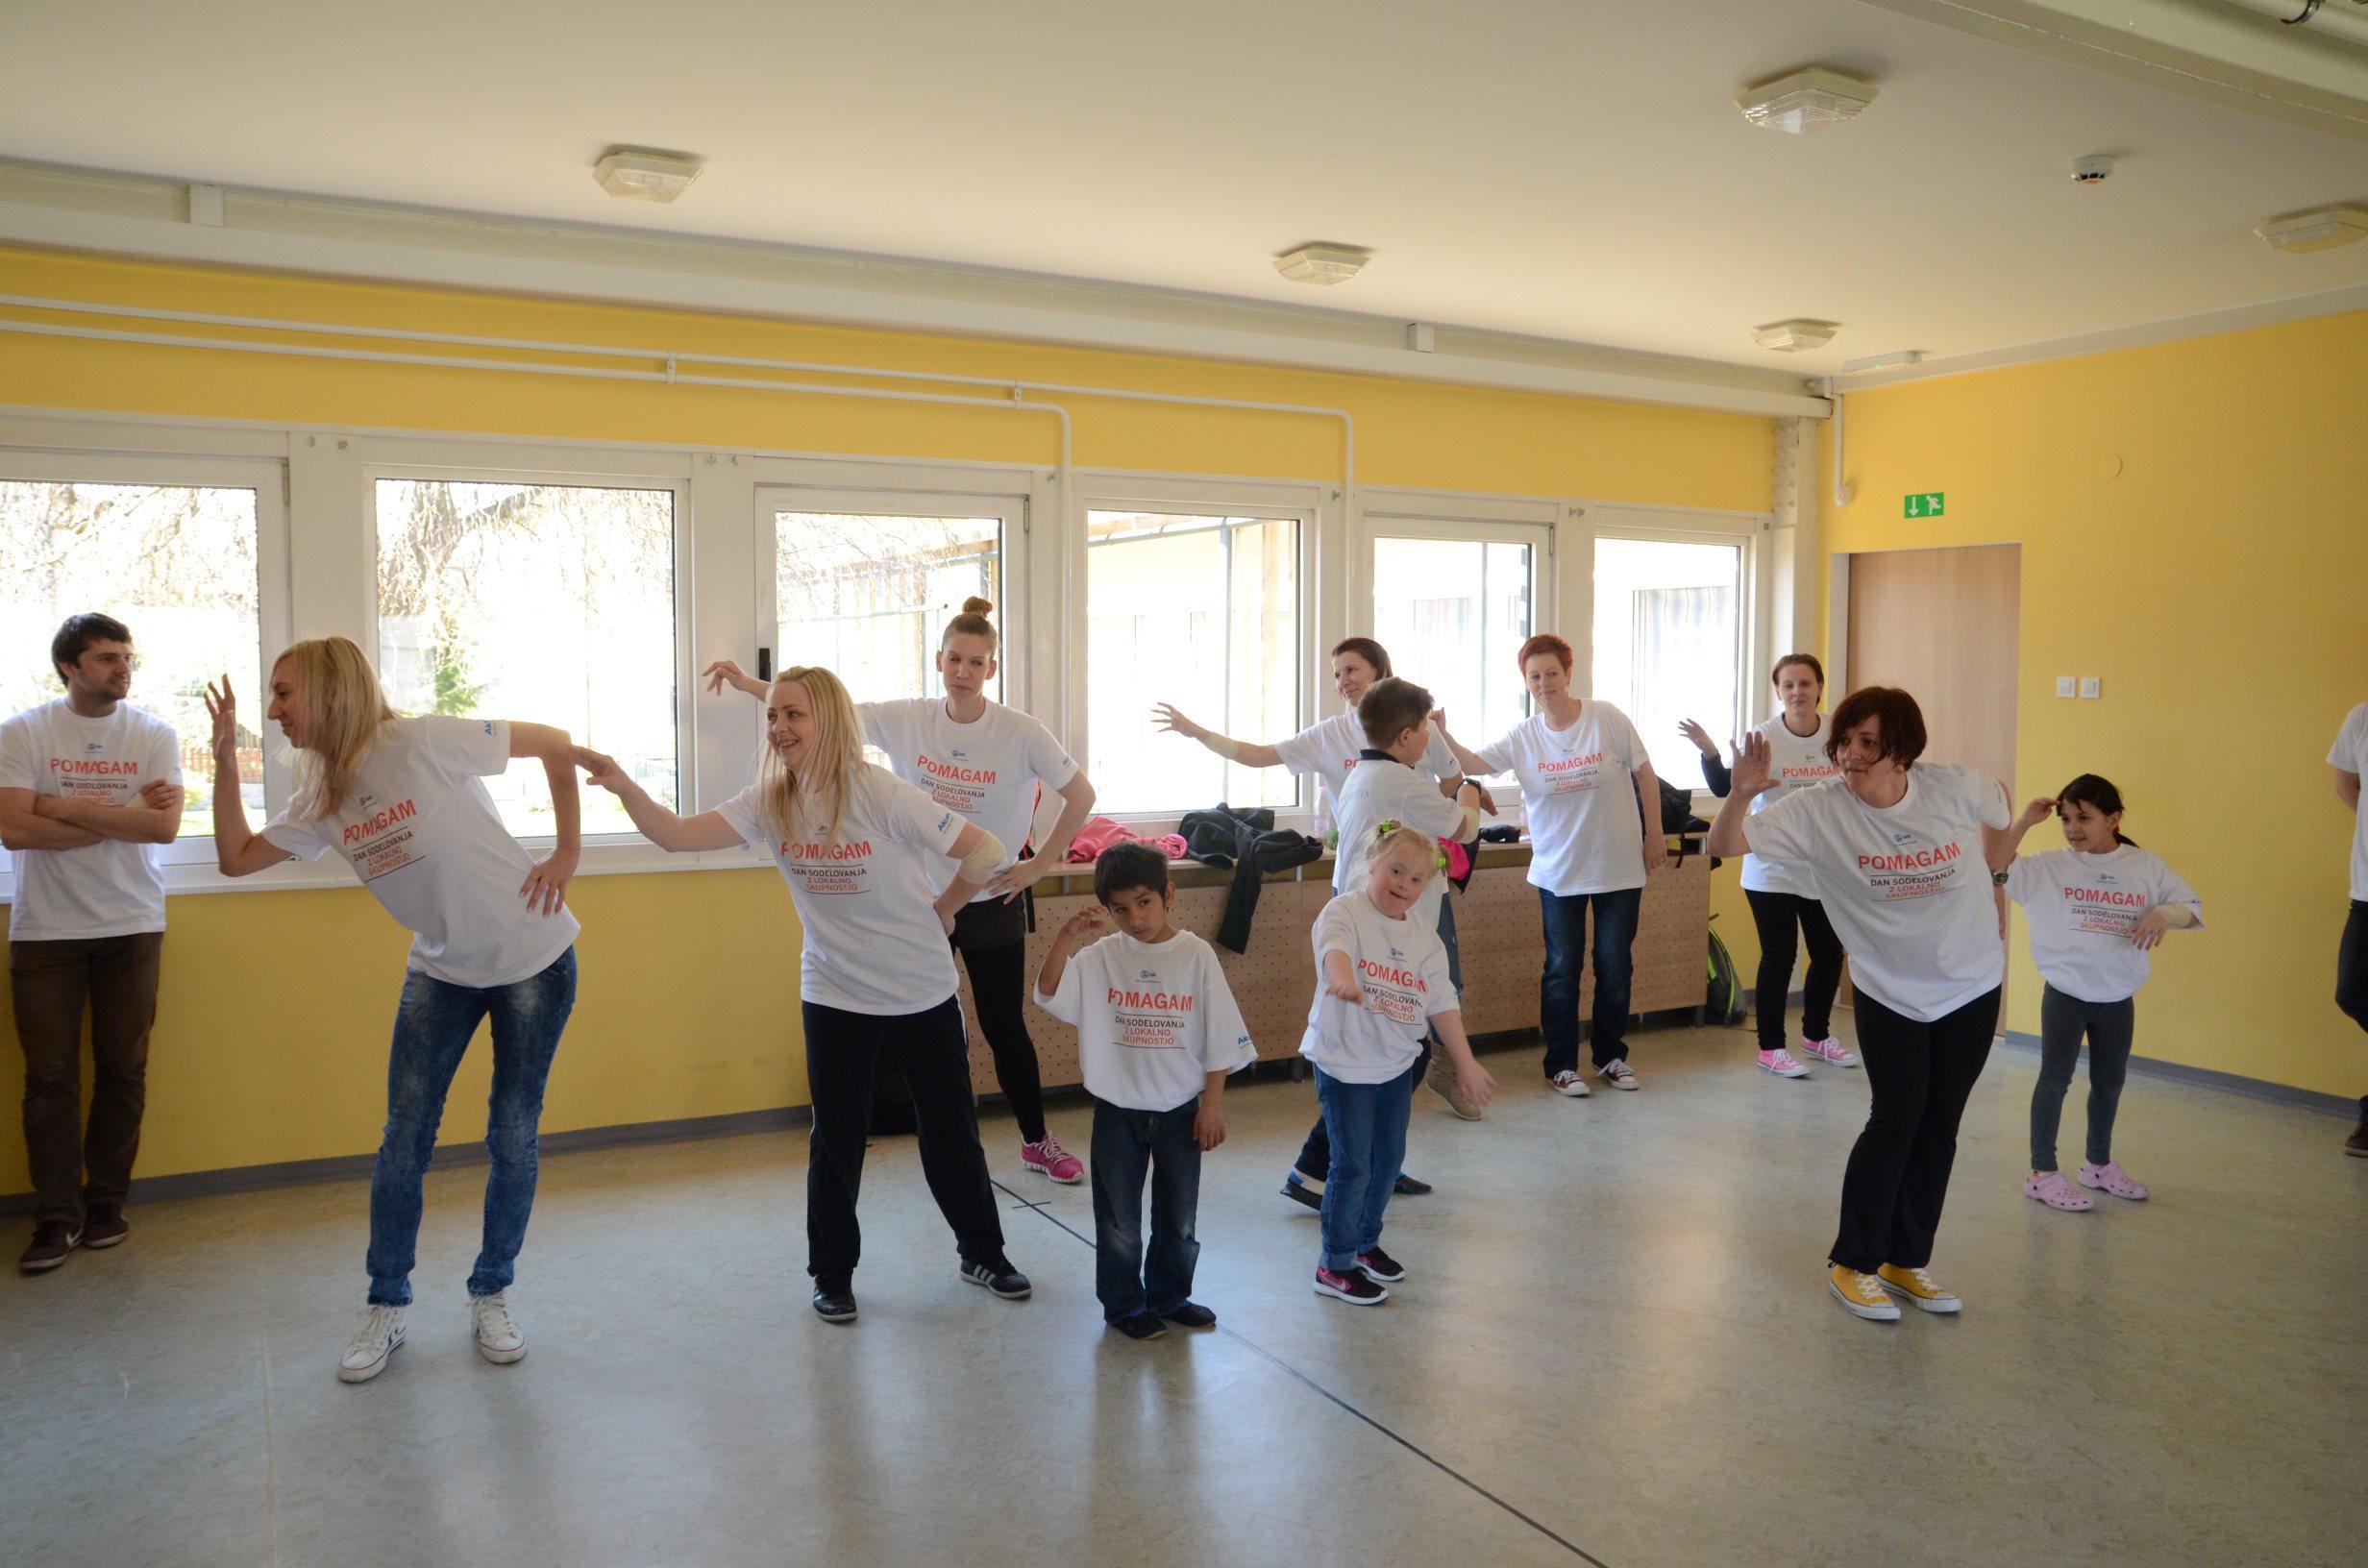 S plesom so polepšali dan otrokom DOŠ II Lendava